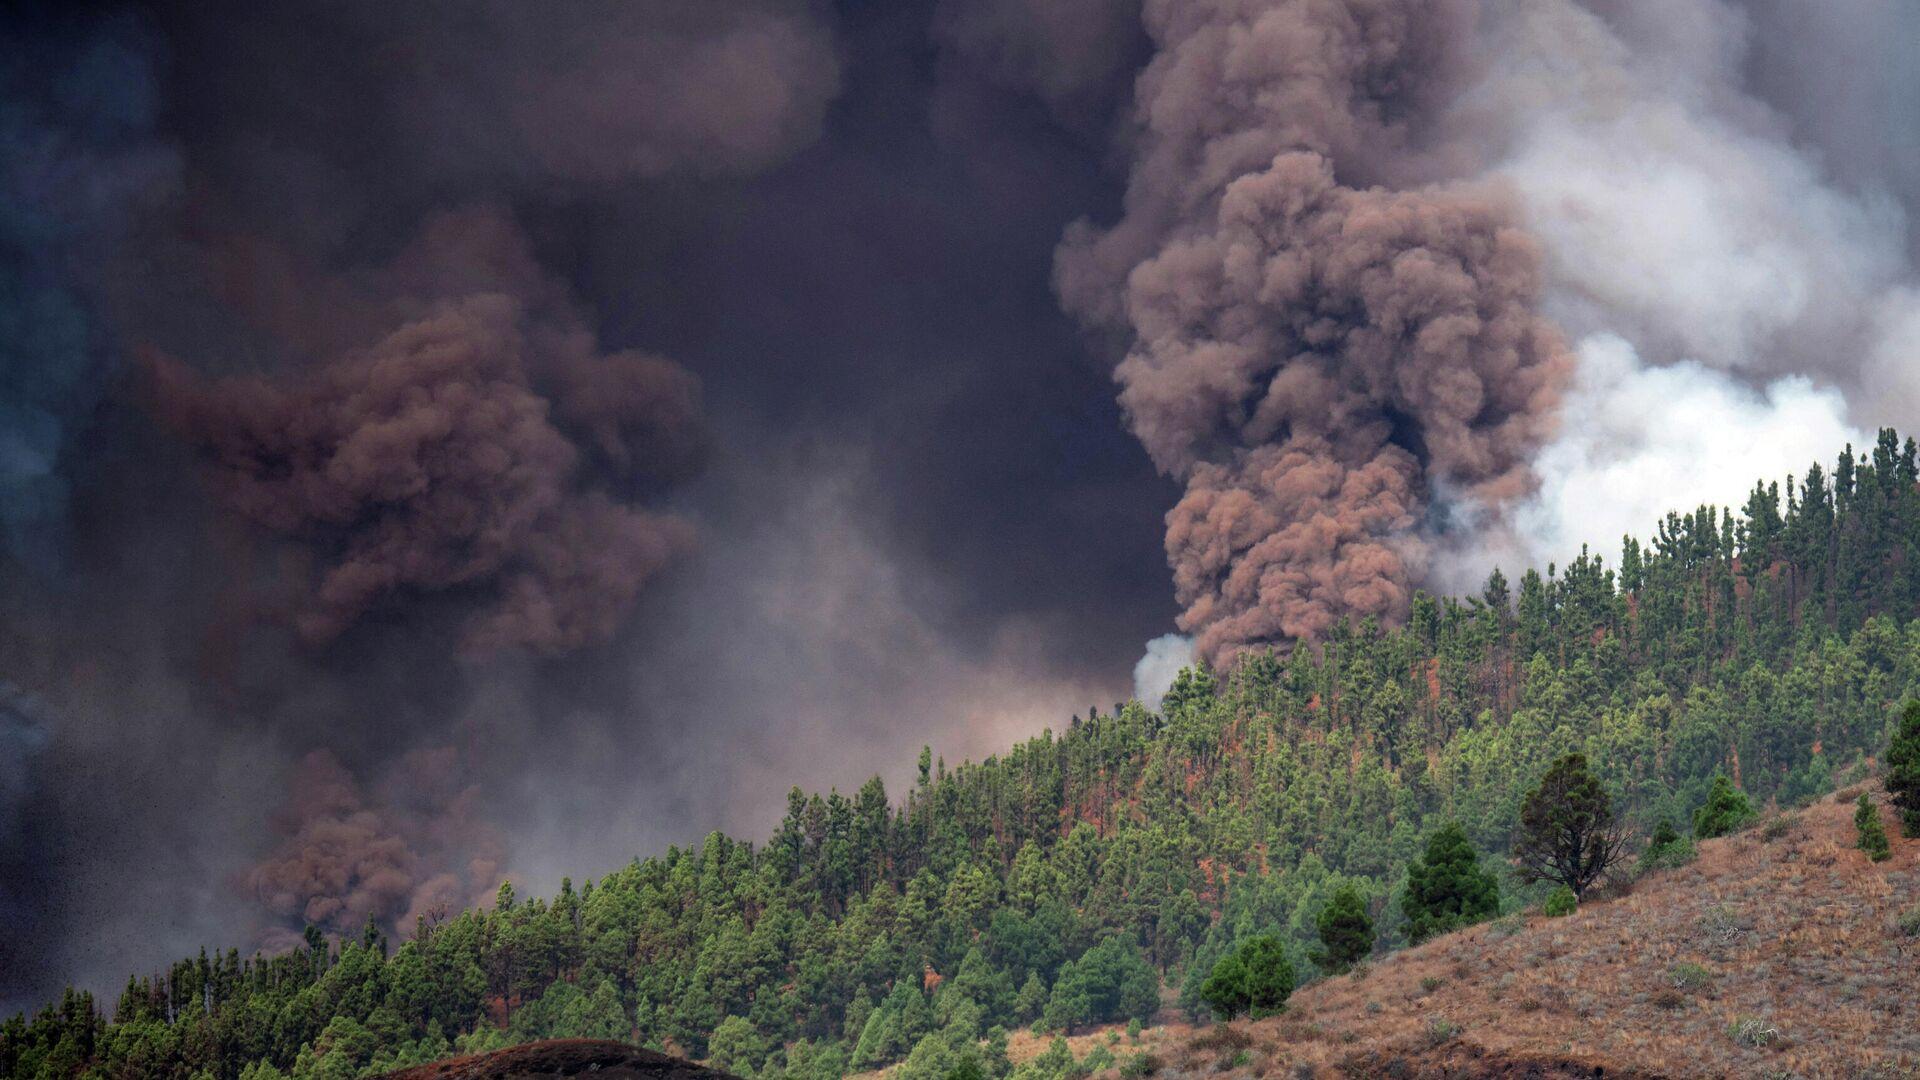 Humo provocado por el paso de la lava del volcán en La Palma, España - Sputnik Mundo, 1920, 19.09.2021